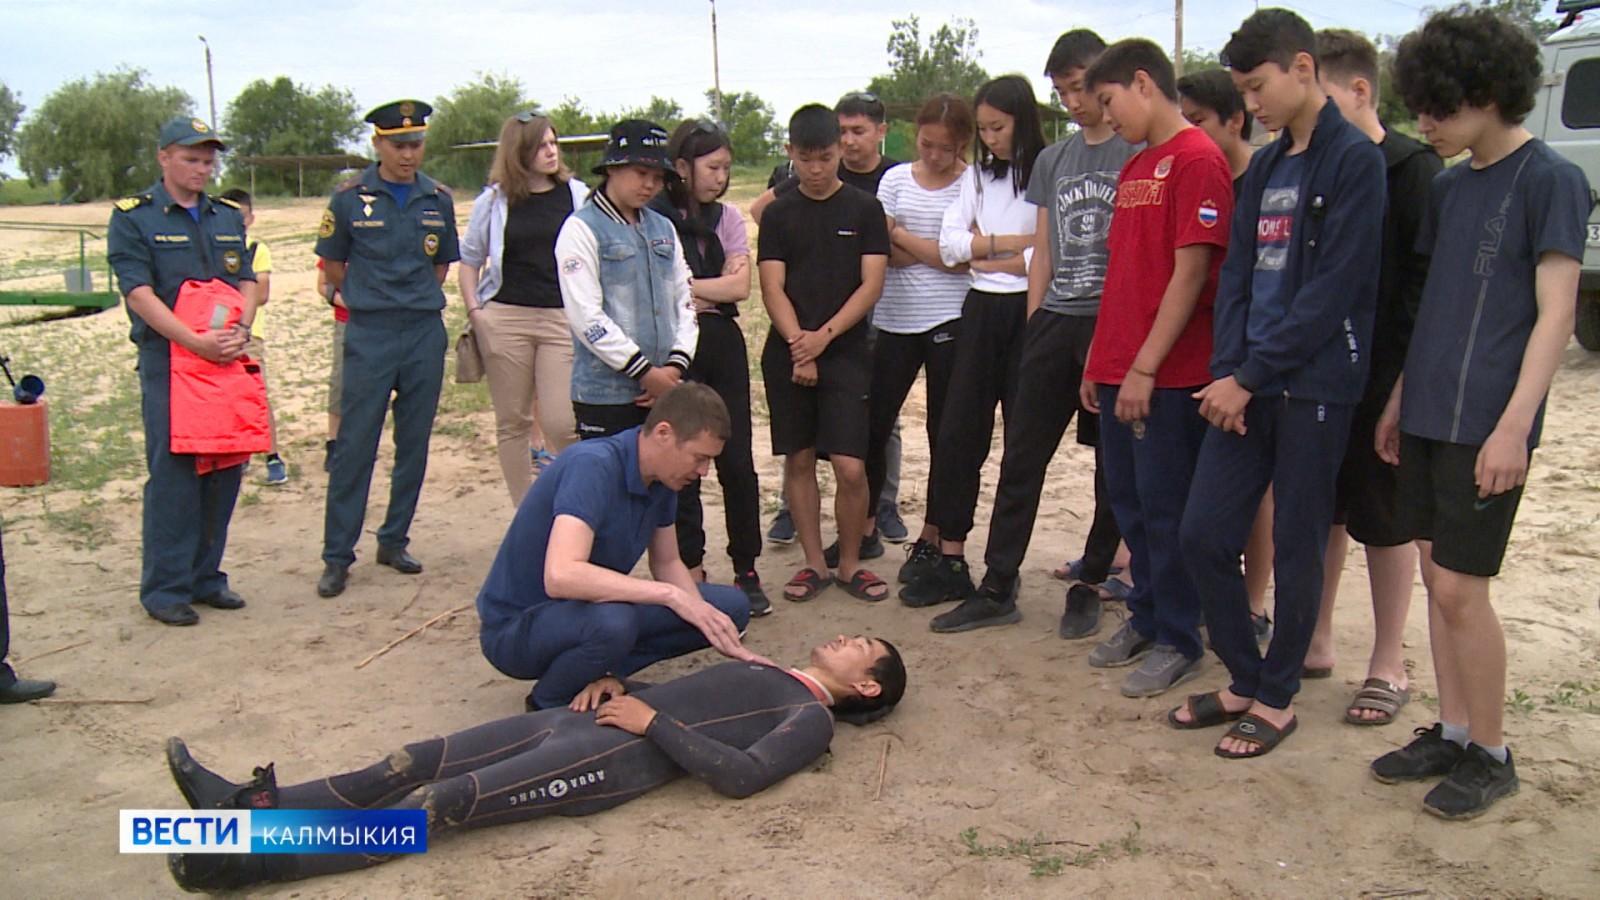 Элистинские школьники получили навыки оказания скорой помощи